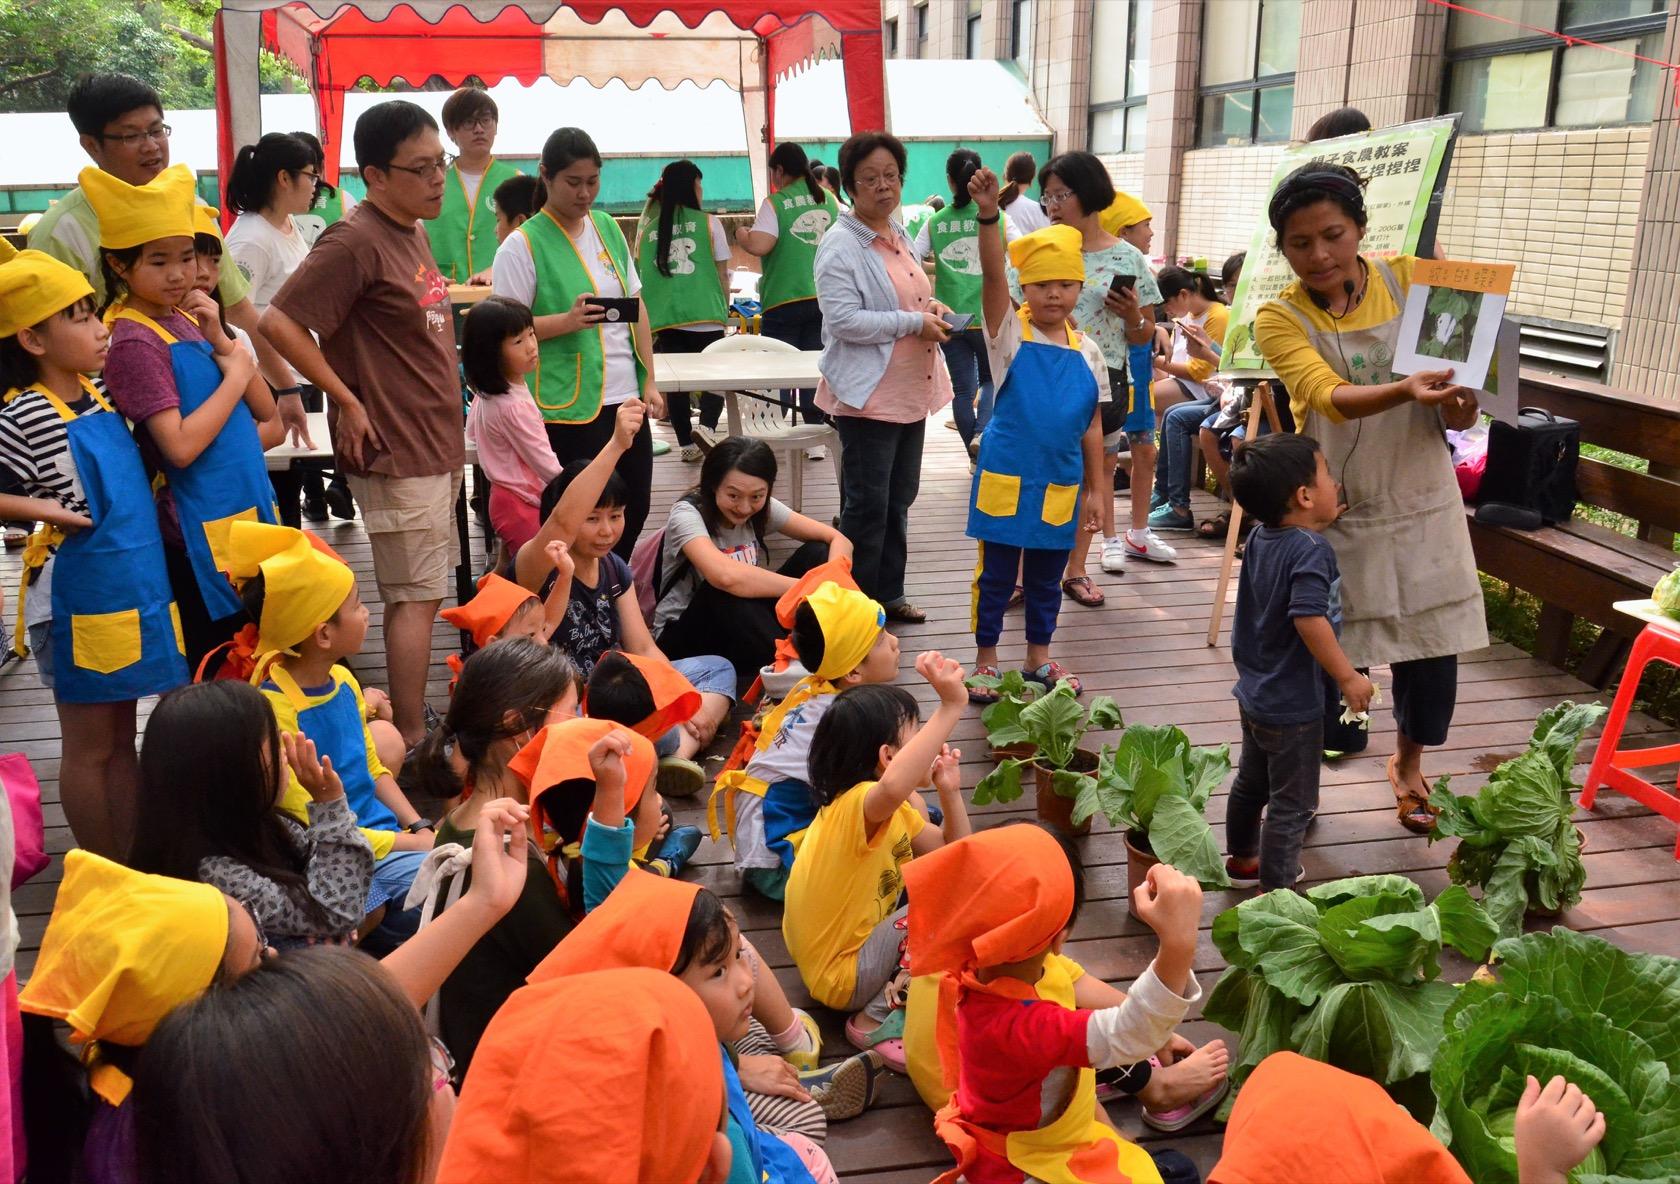 興大有機農夫市集十二週年慶,舉辦幼兒食農教育,讓幼兒與家長認識到高麗菜的成長過程。